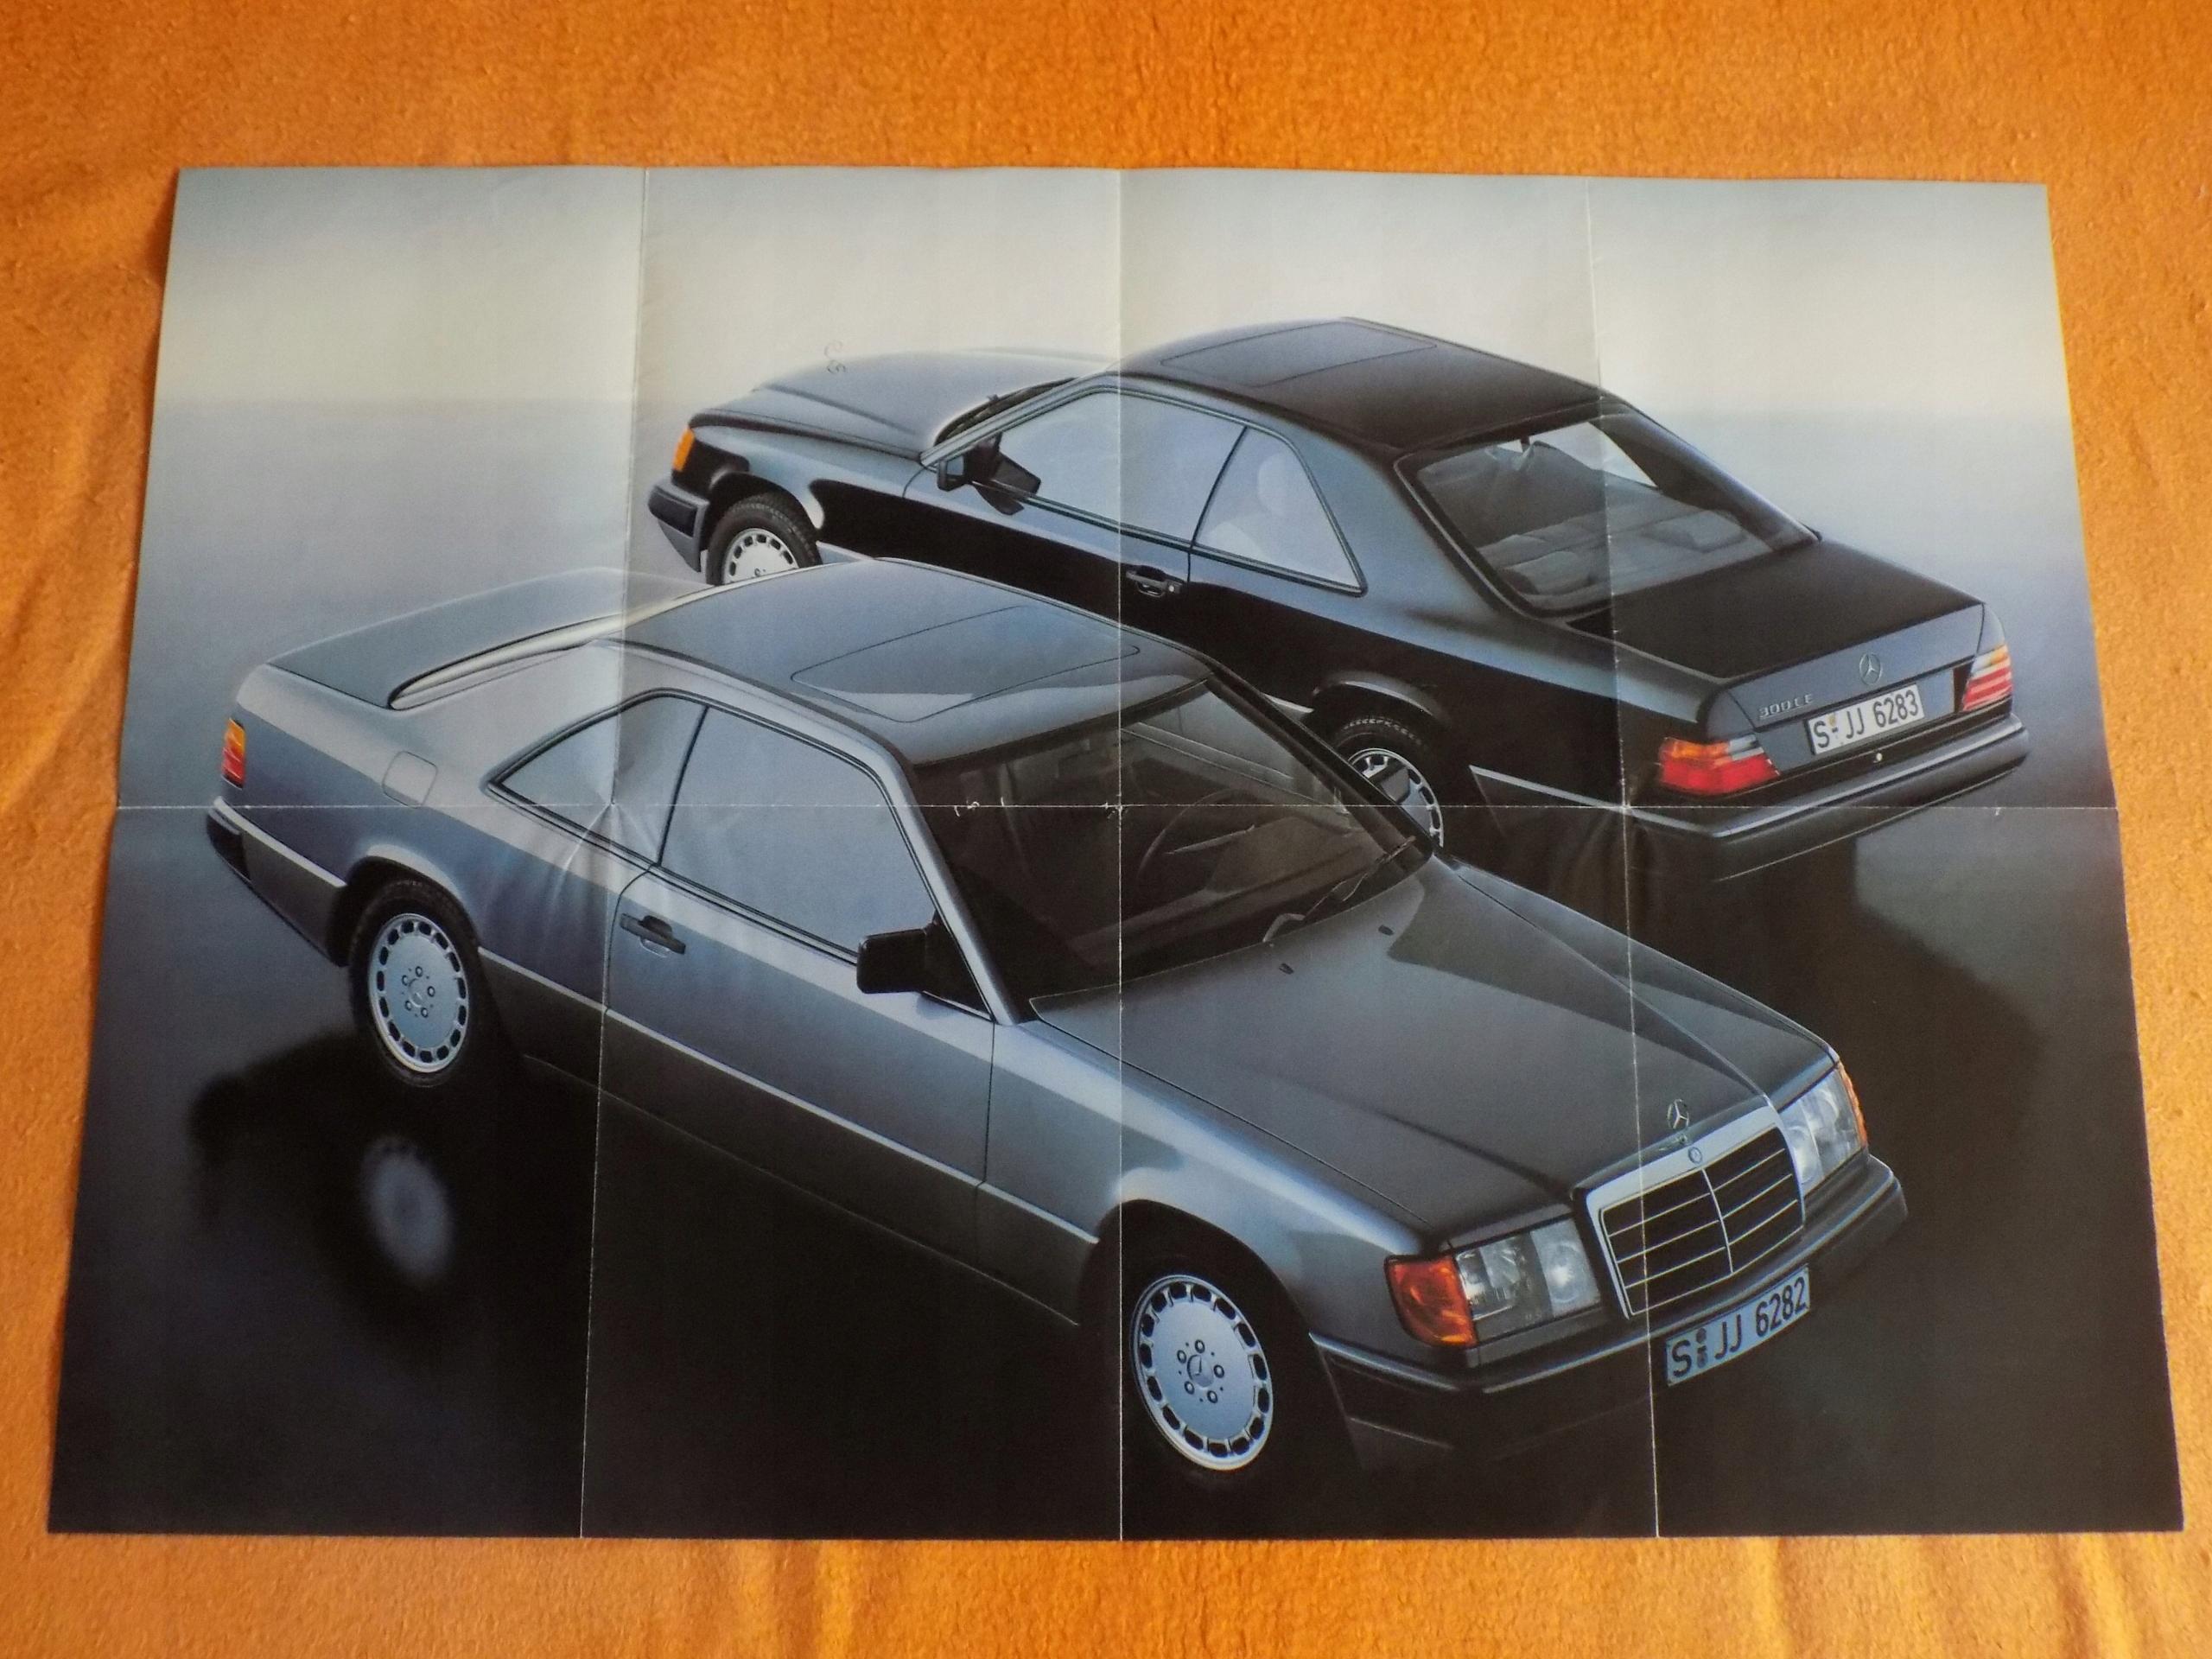 2 X Stare Plakaty Mercedesa Z Lat 80 Tych Duże